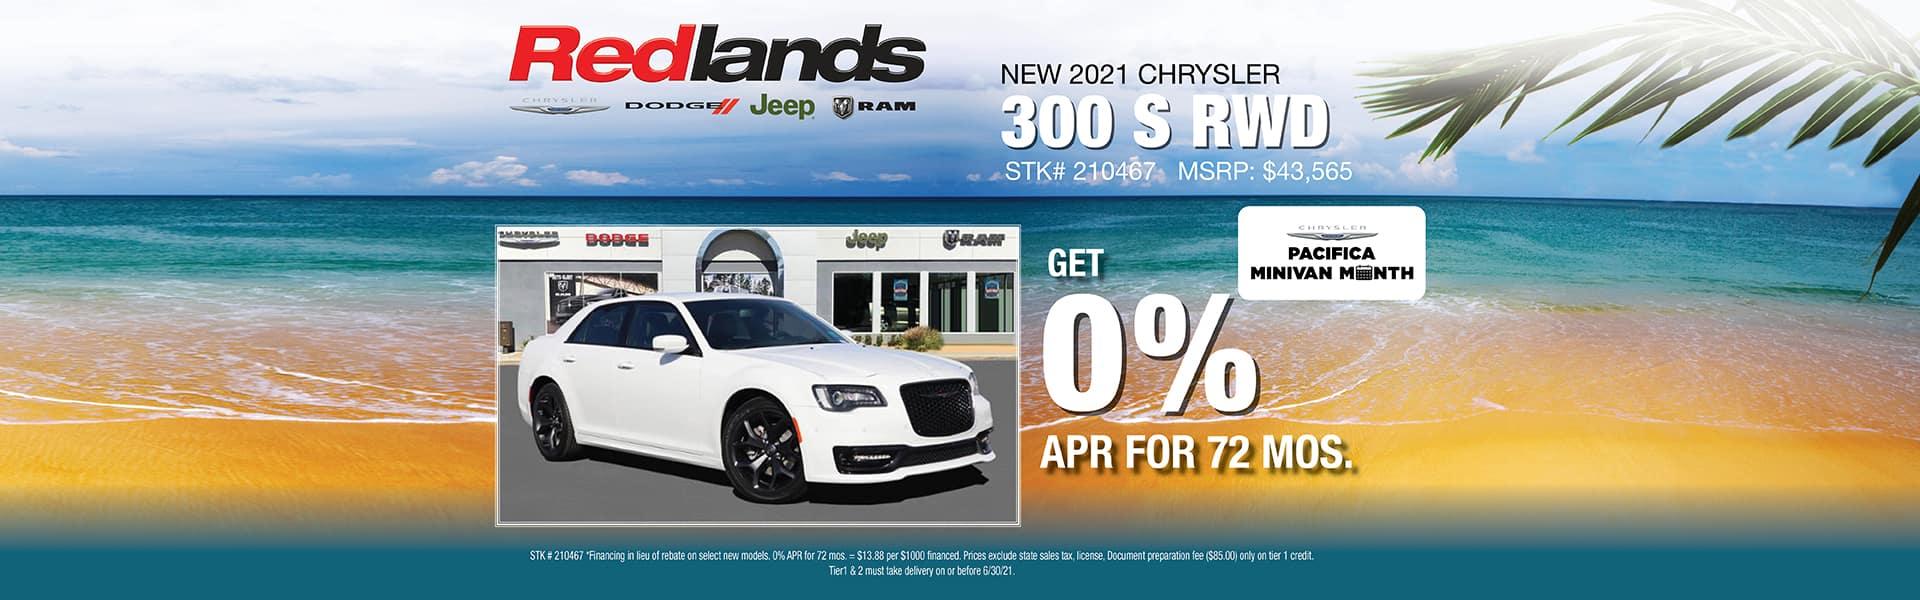 061.301.01_Redlands CDJR_1920x600_Chrysler_Dealer Web